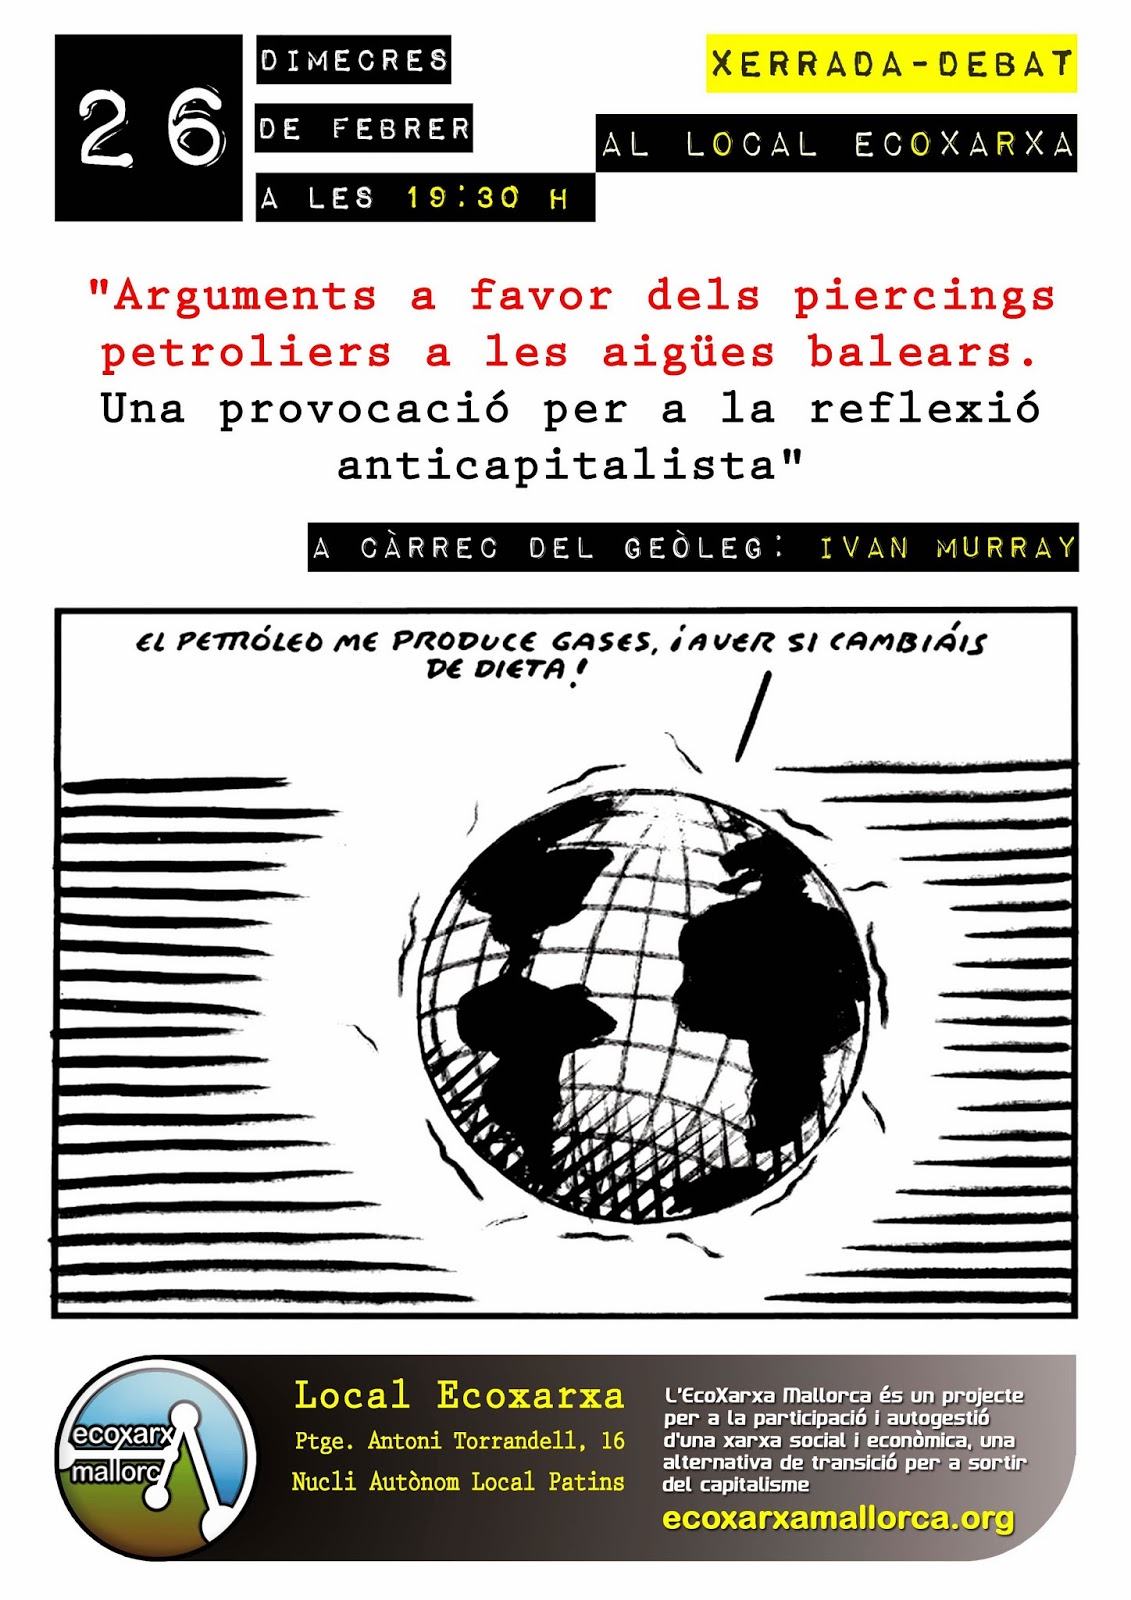 Arguments a favor dels piercings petroliers a les aigües balears. Una provocació per a la reflexió anticapitalista (26-02-14)